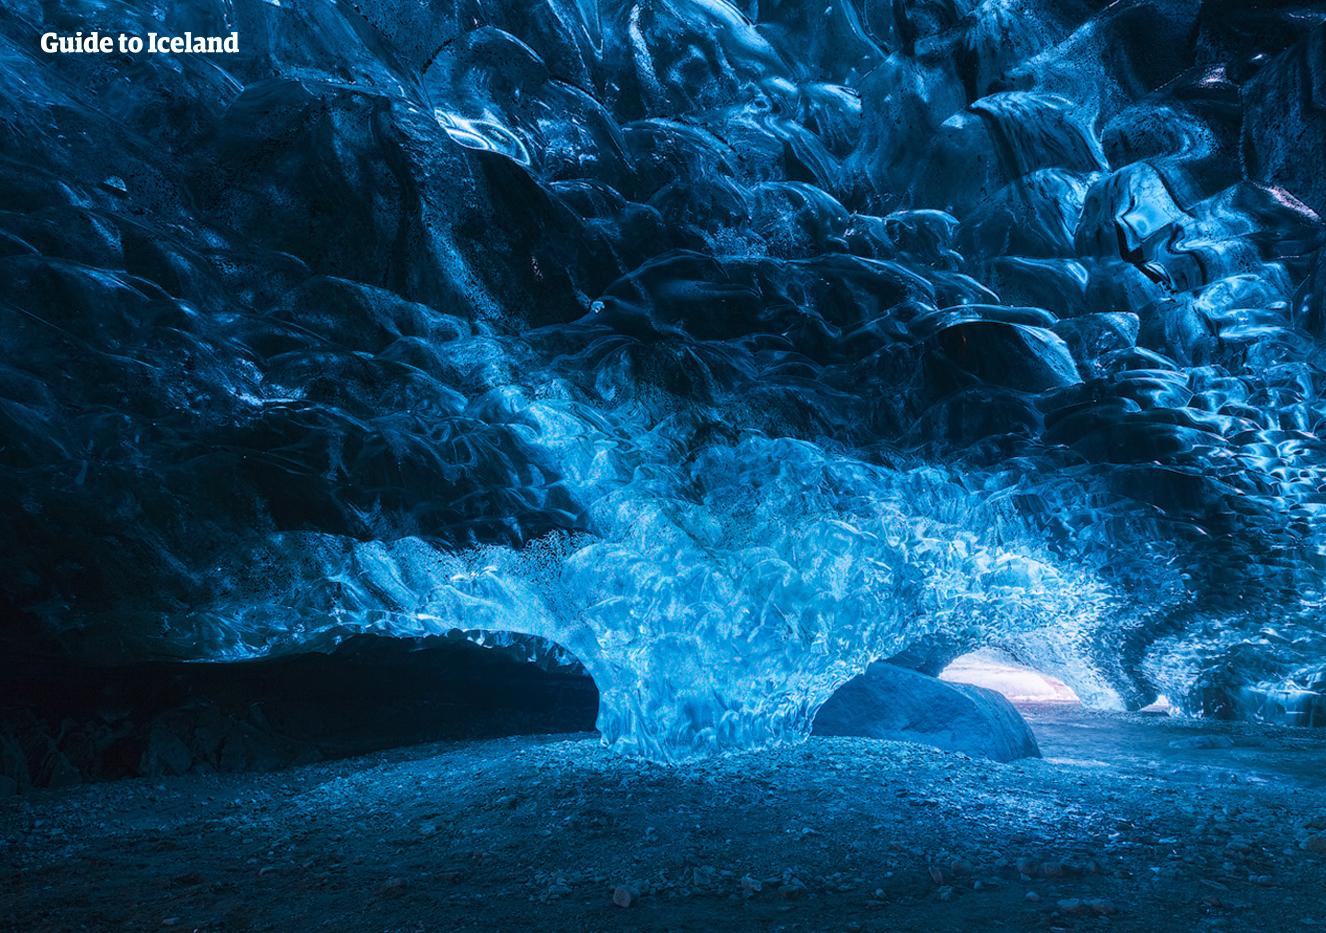 Fantastyczne odcienie niebieskiego w autentycznej jaskini lodowej w Parku Narodowym Vatnajökull.